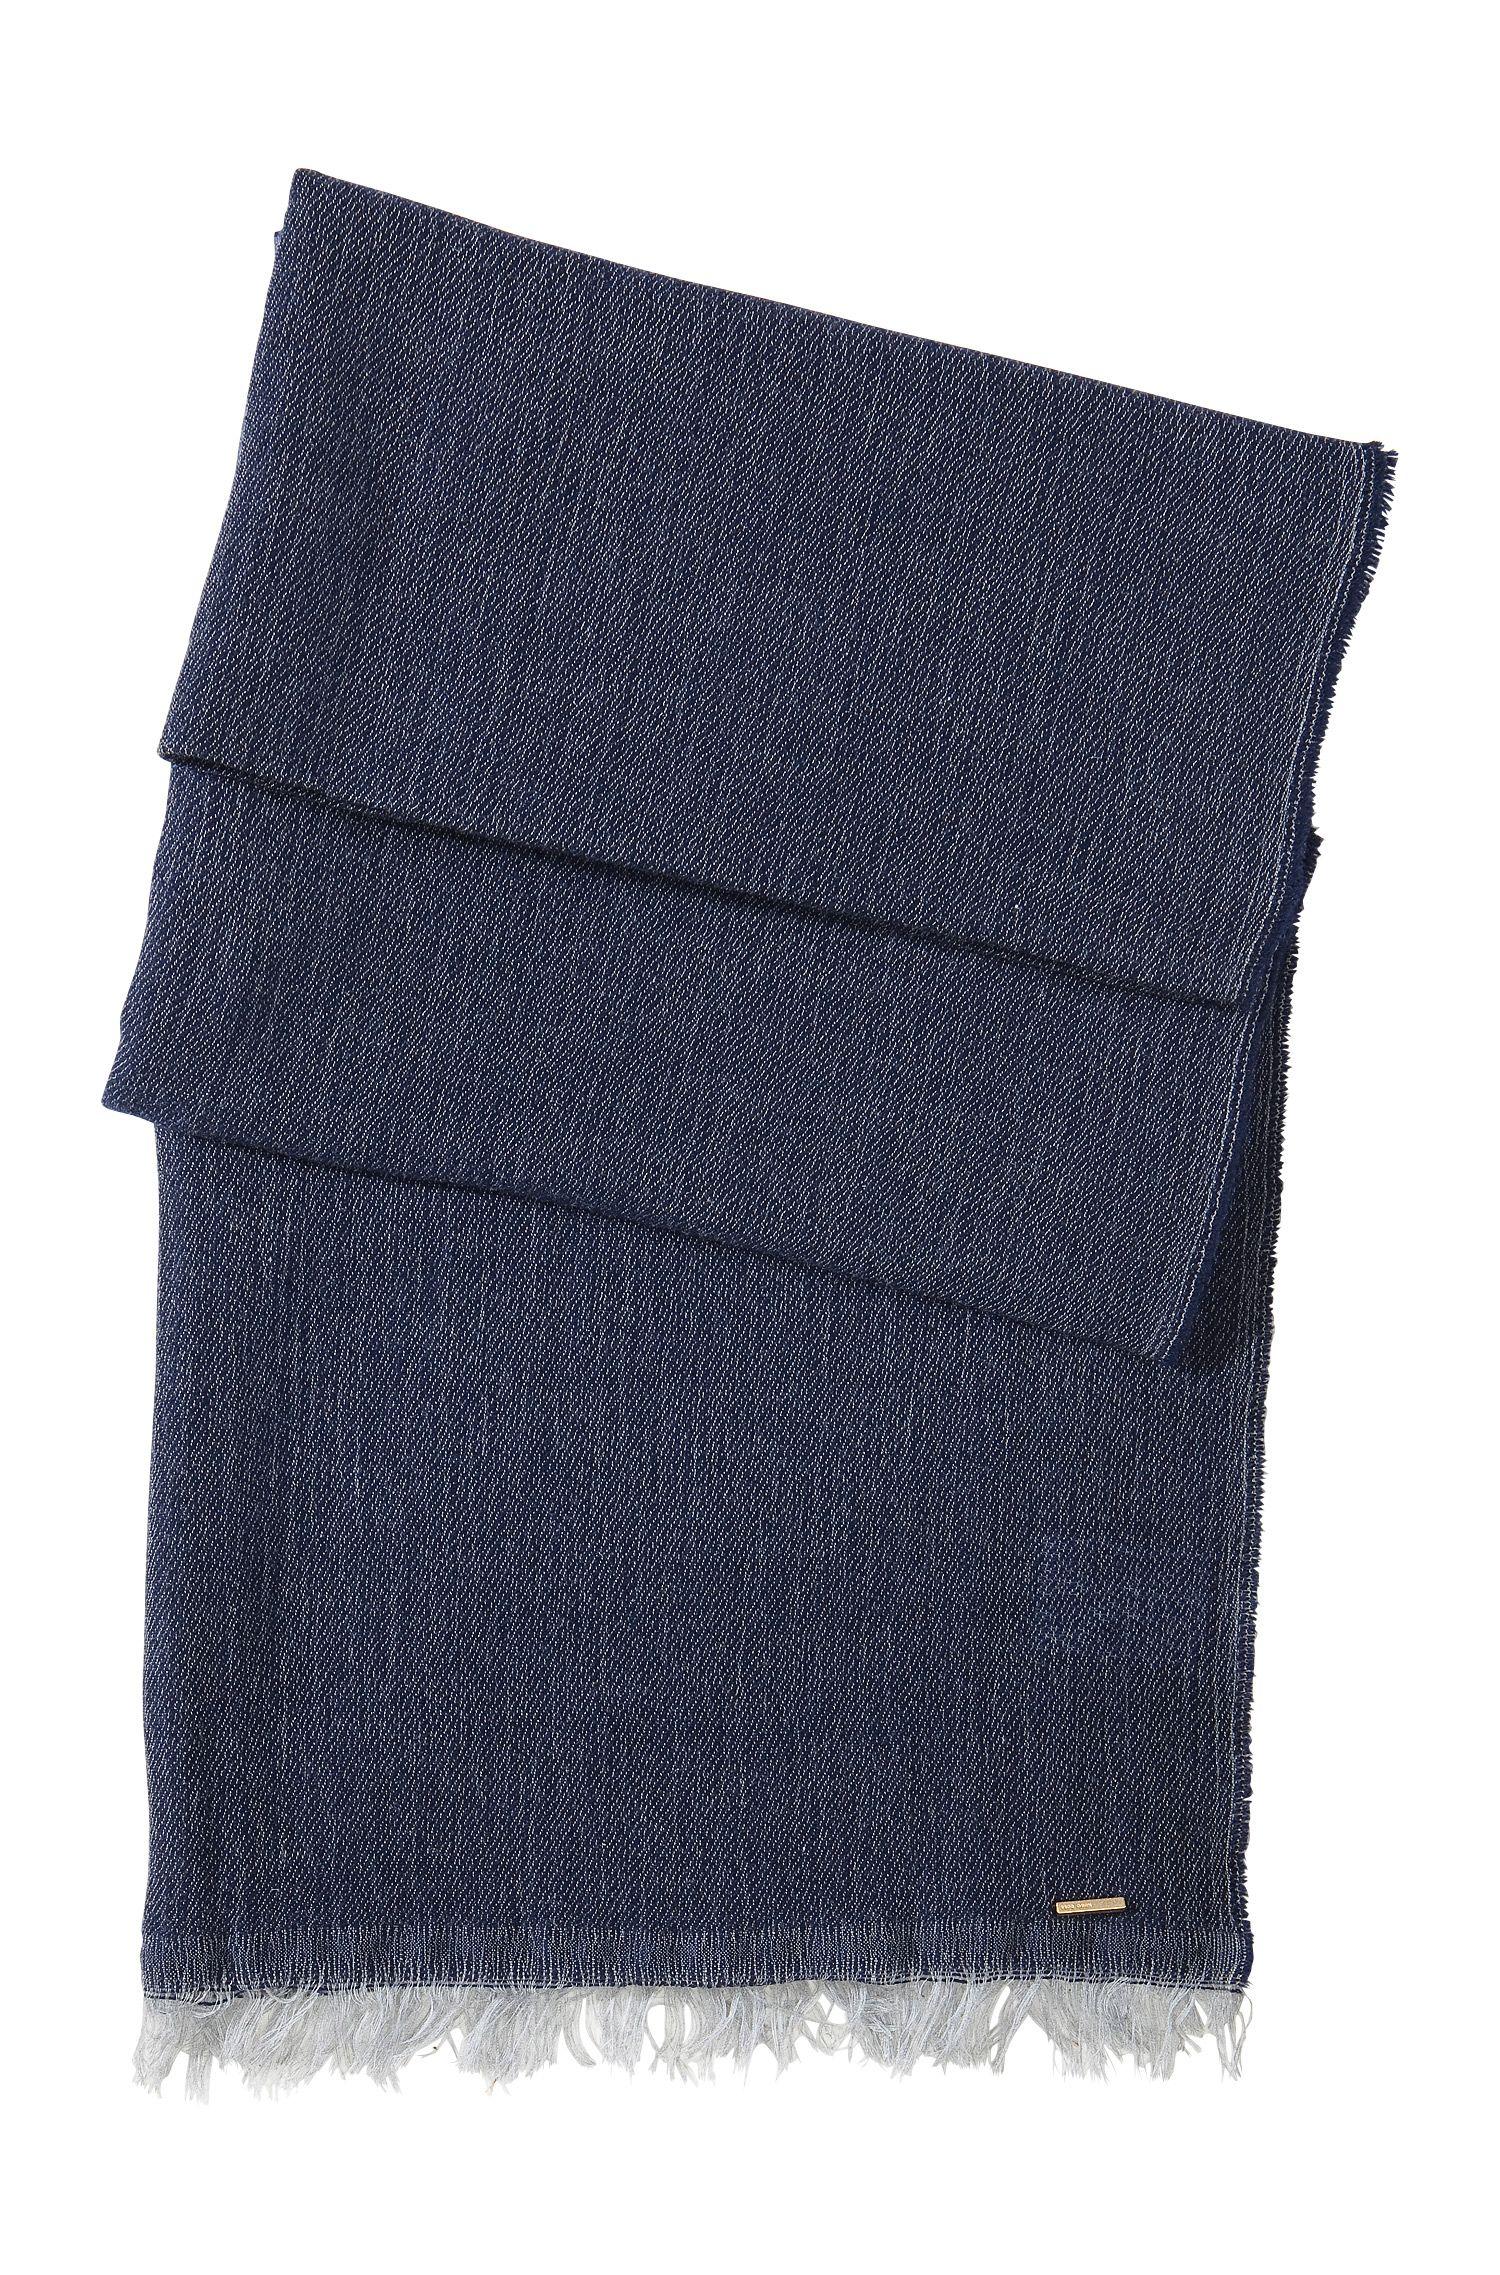 Foulard doux en laine vierge et modal, SC472